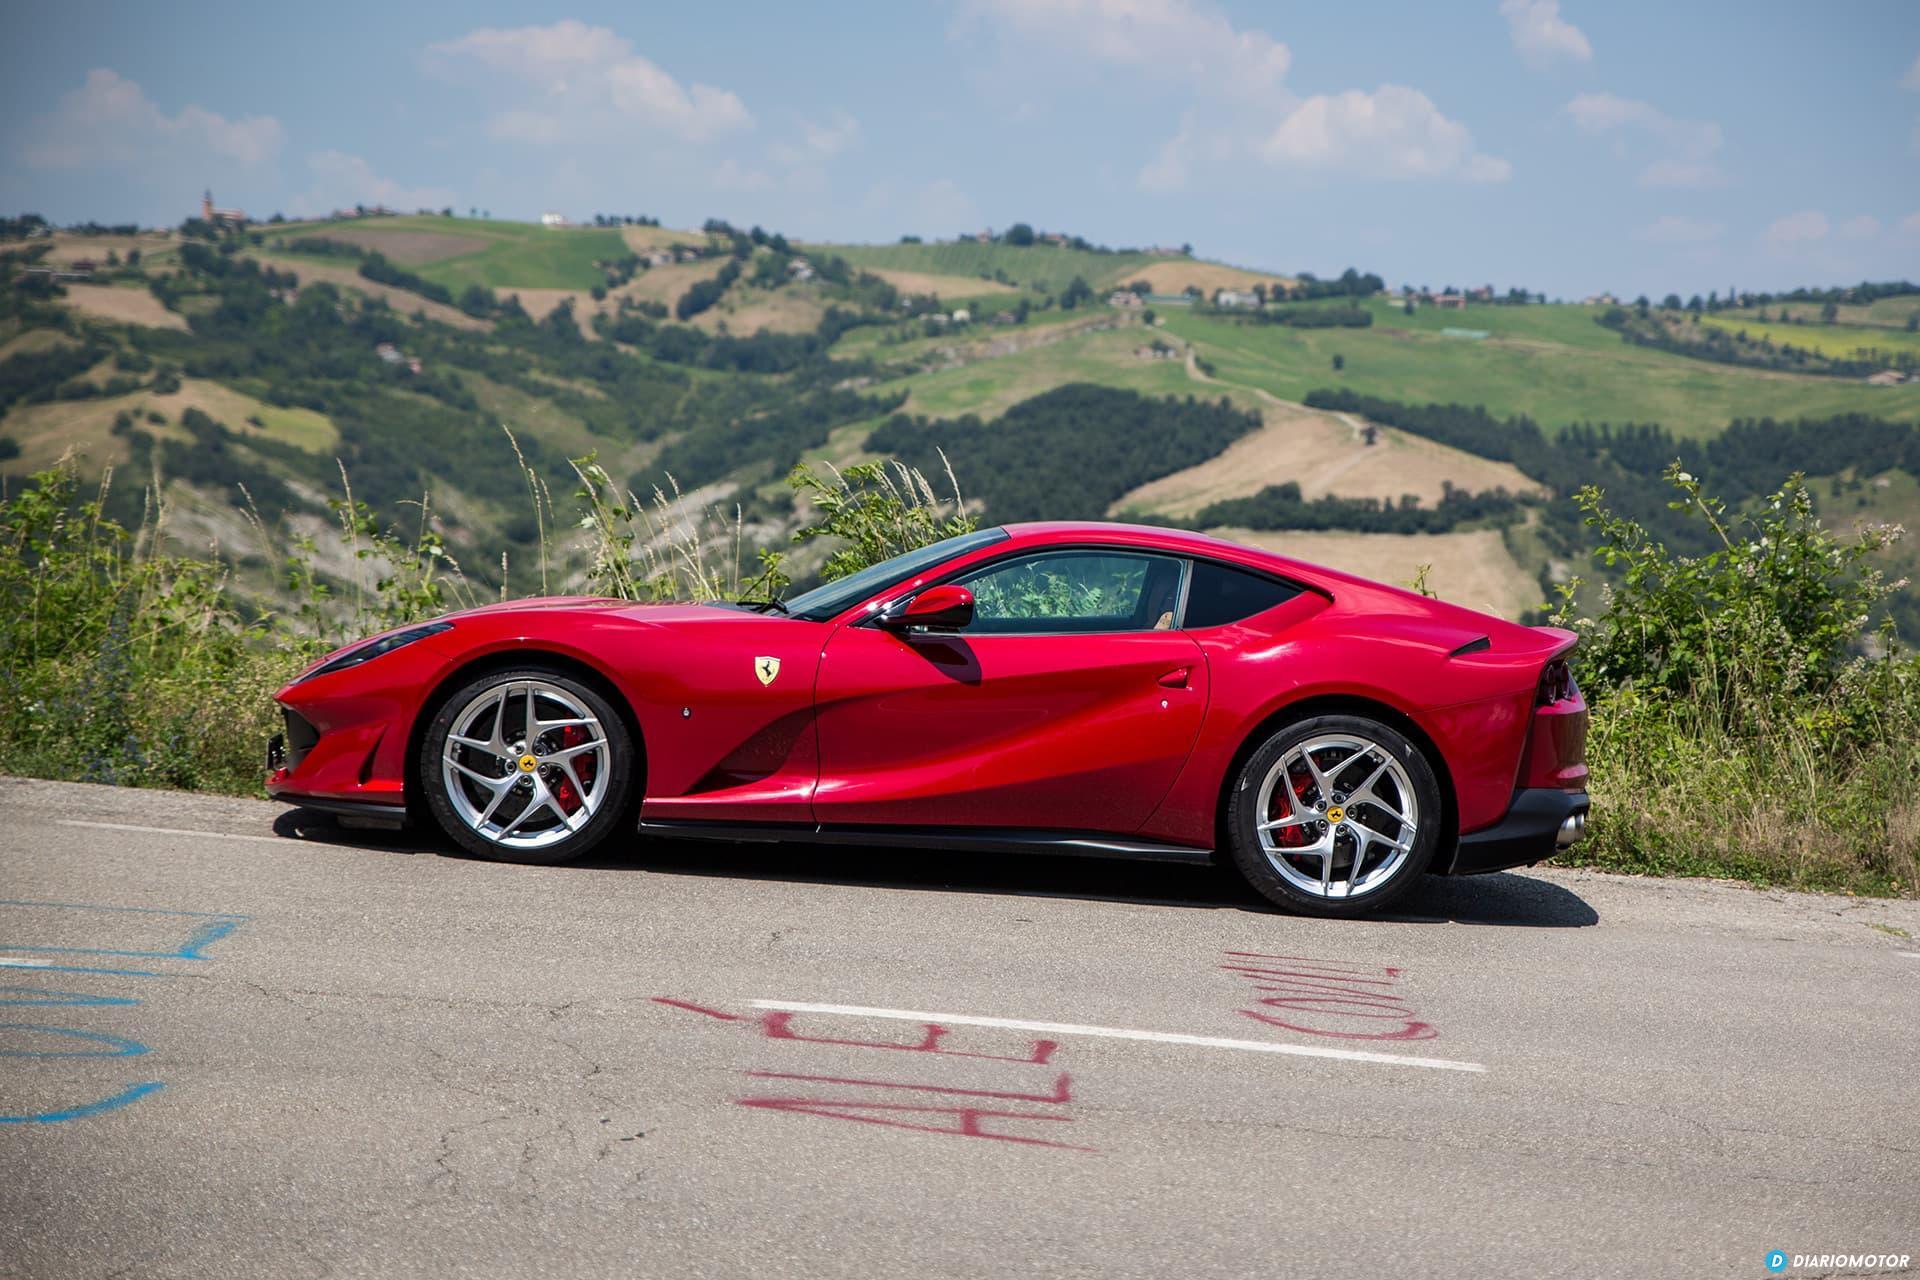 Ferrari 812 Superfast Exterior 00020